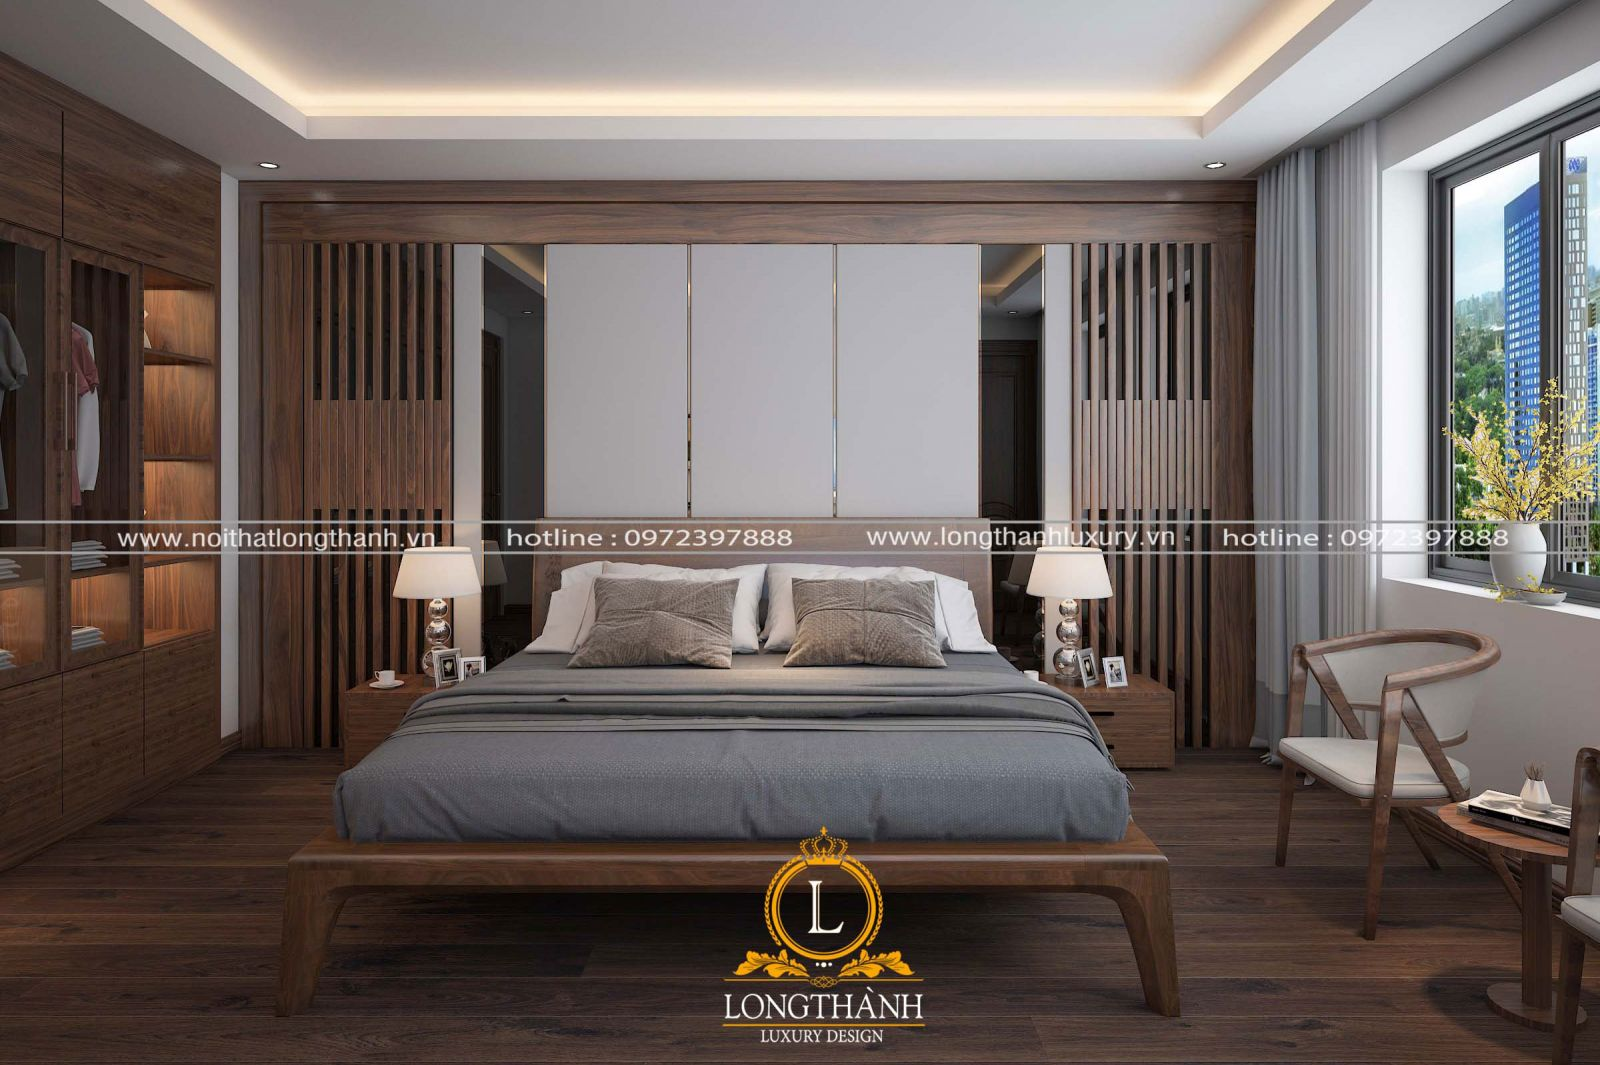 Phòng ngủ cao cấp theo phong cách hiện đại